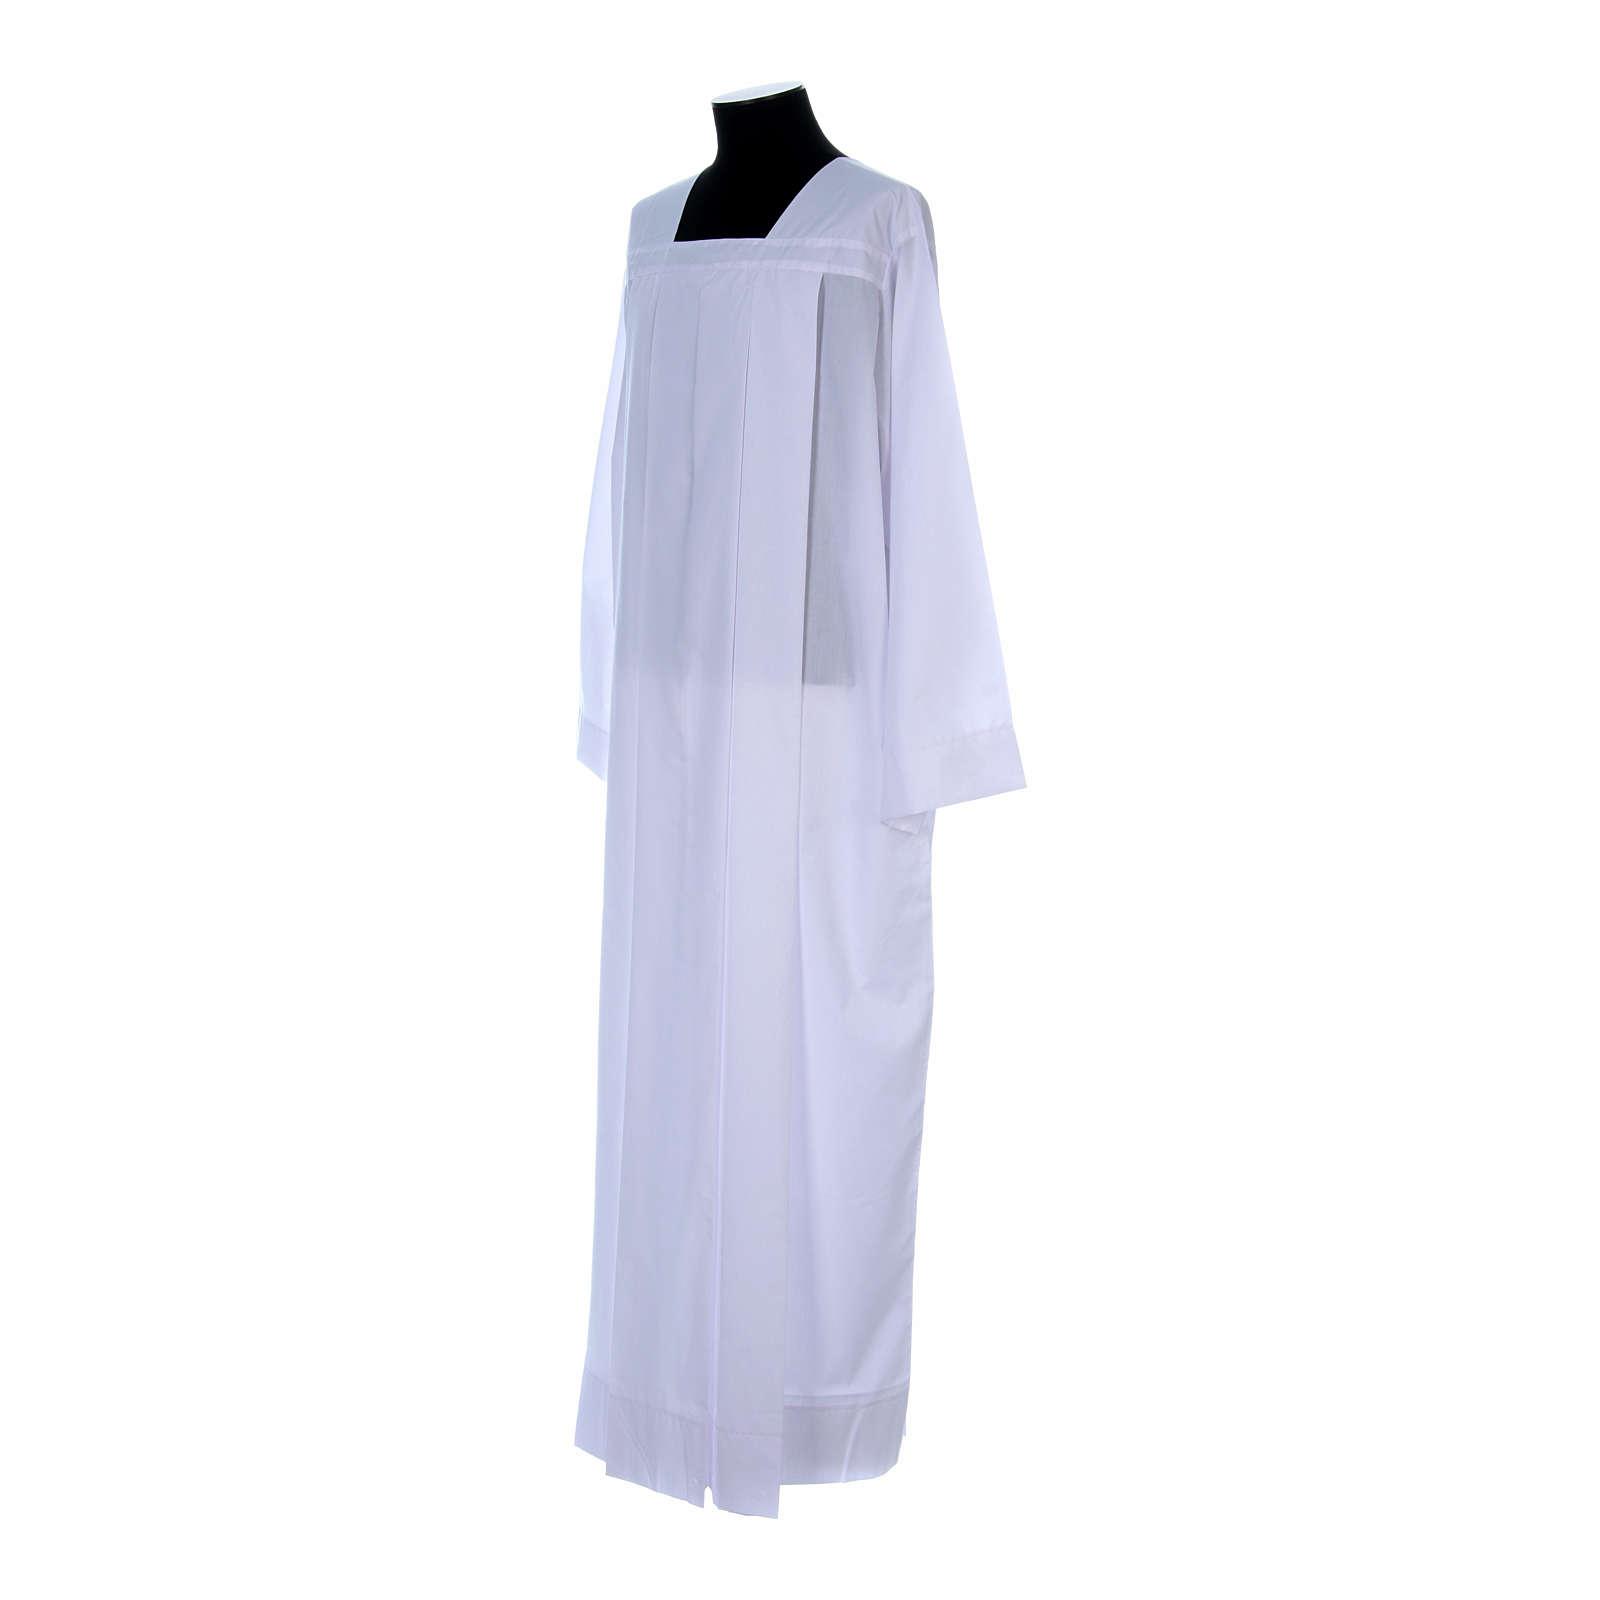 Alba para amito blanca 4 pliegues cuello cuadrado mixto algodón 4